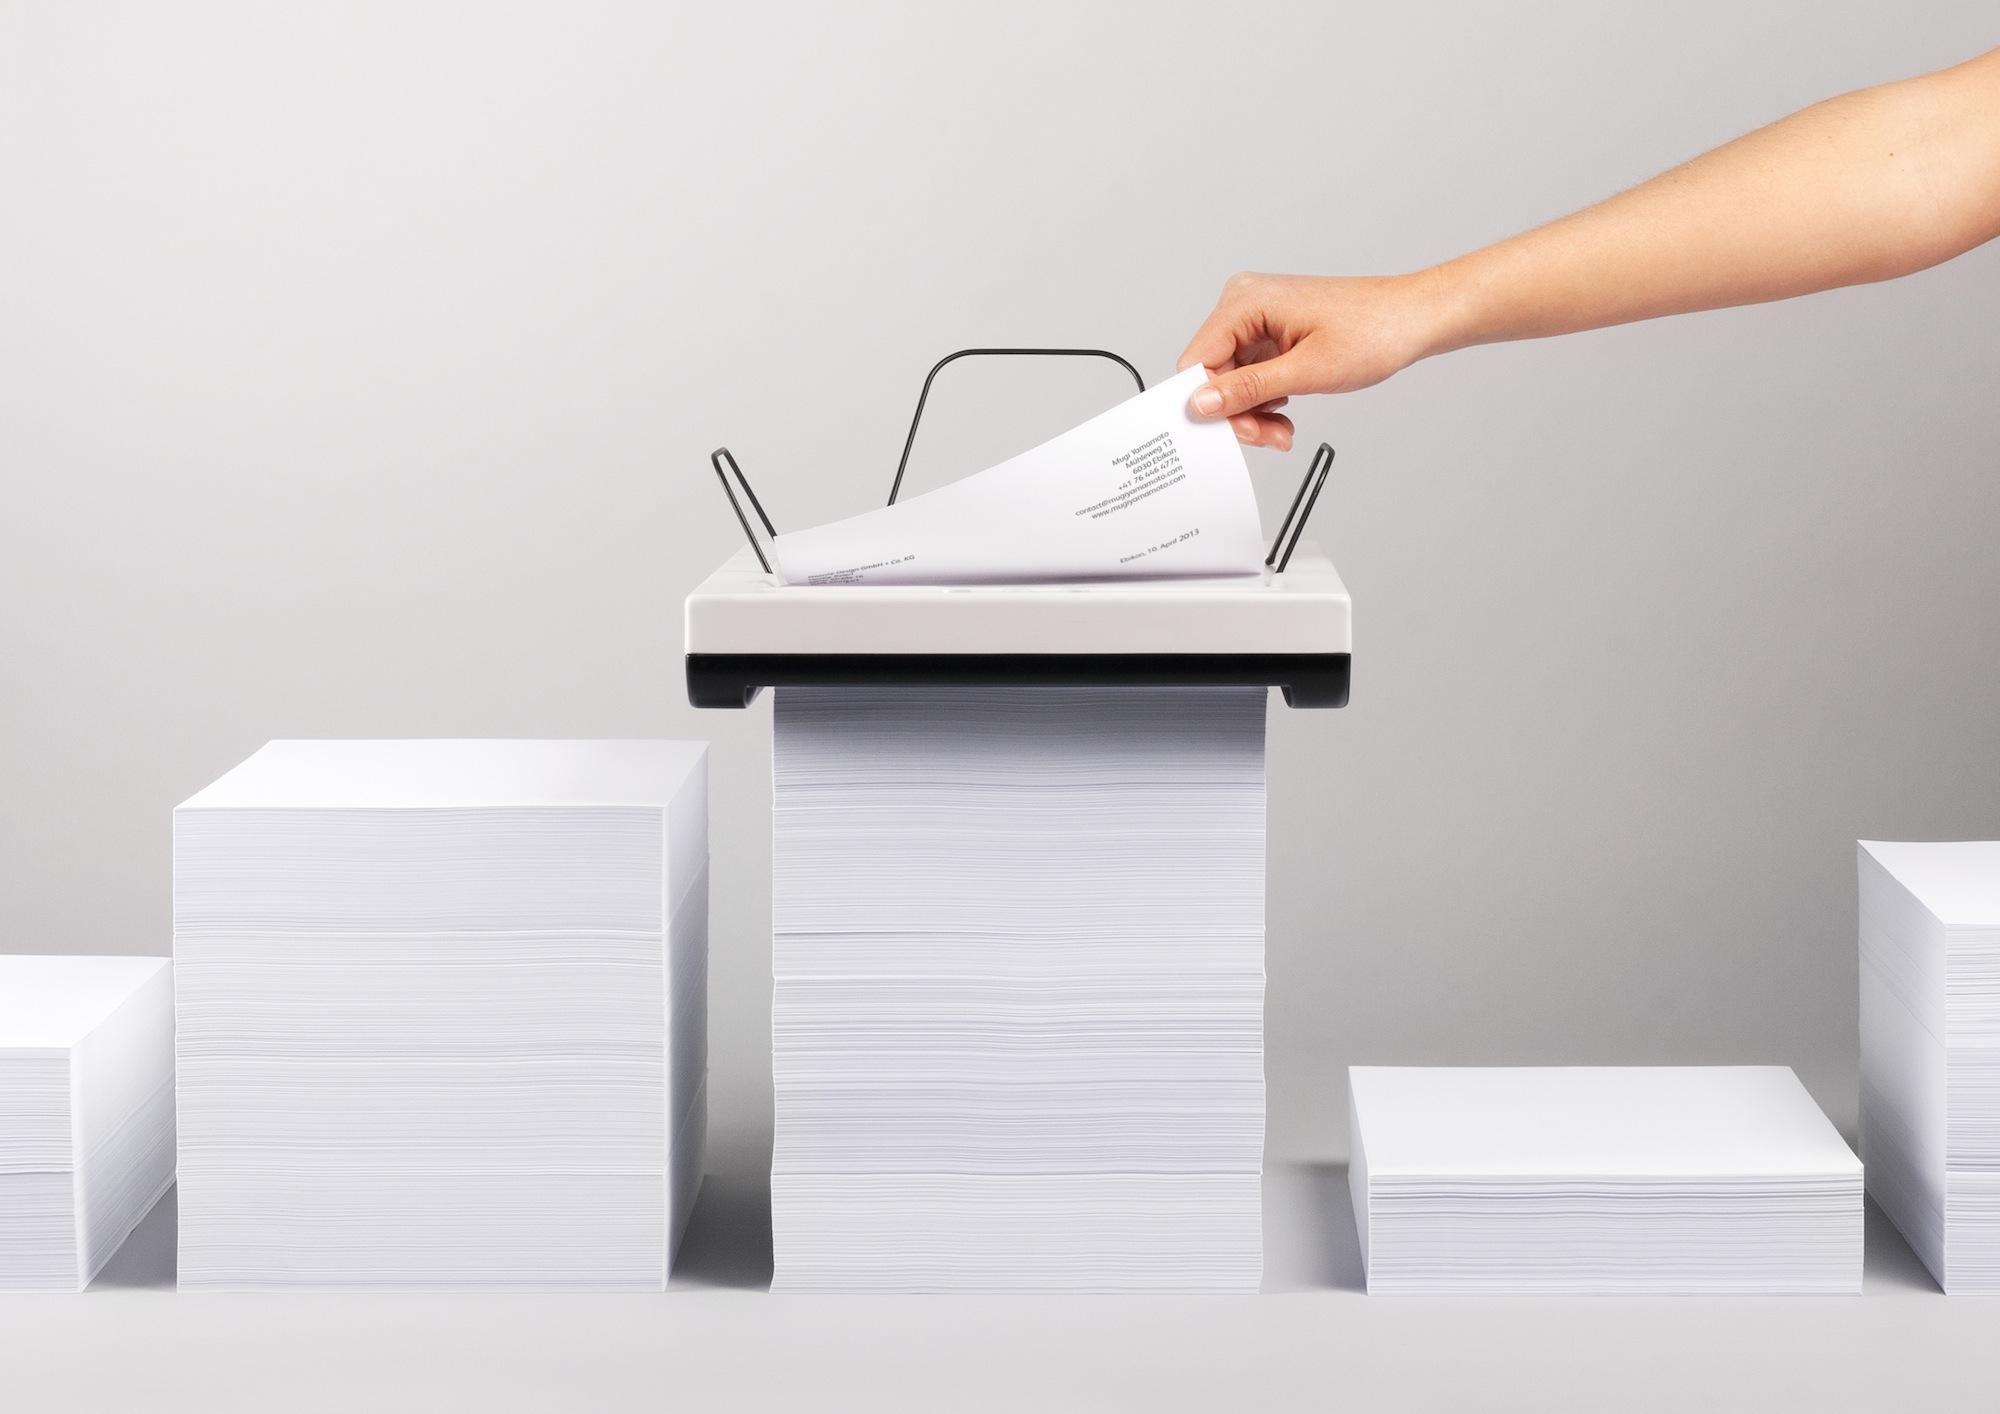 Der japanische Industriedesigner Mugi Yamamoto hat einen Drucker für Stapel entwickelt, der sich einfach durch einen Papierstapel frisst.